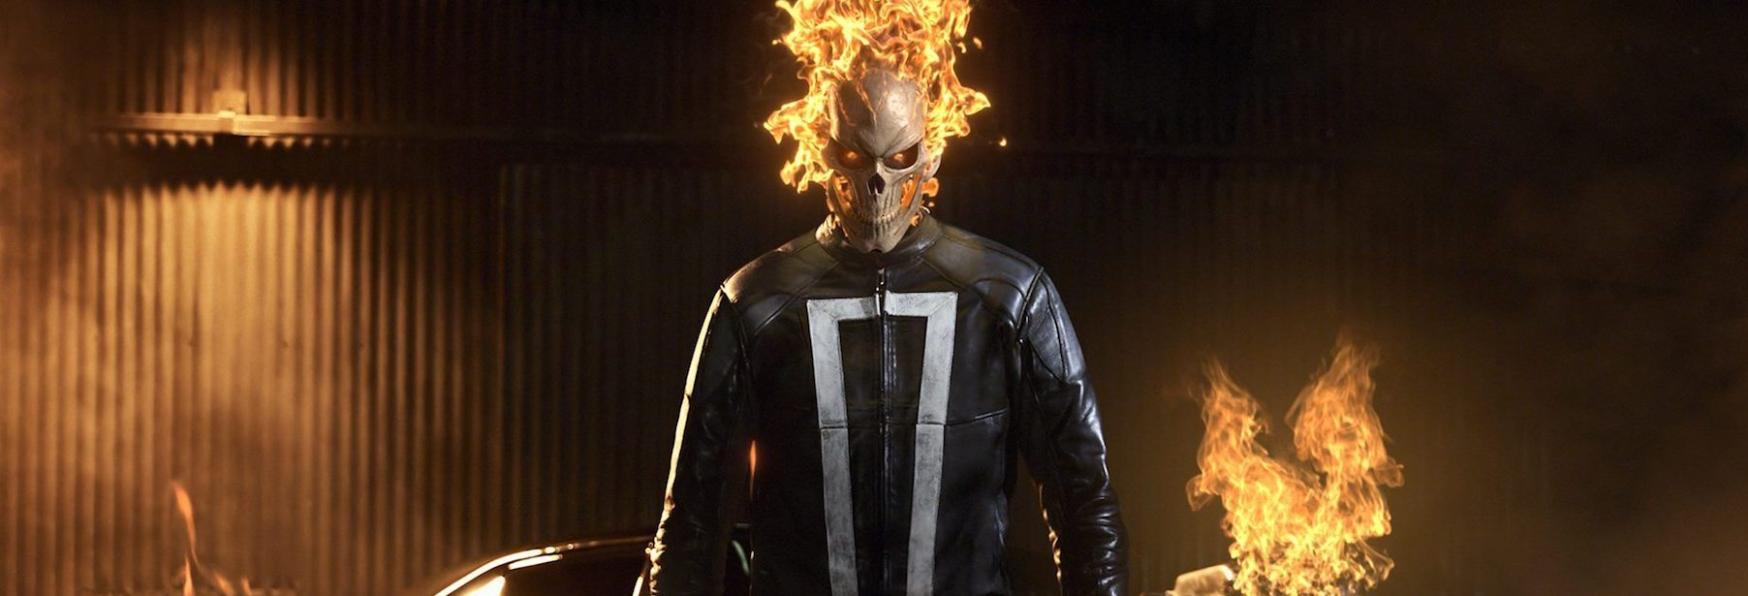 Ghost Rider: Gabriel Luna parla del Futuro del suo Personaggio